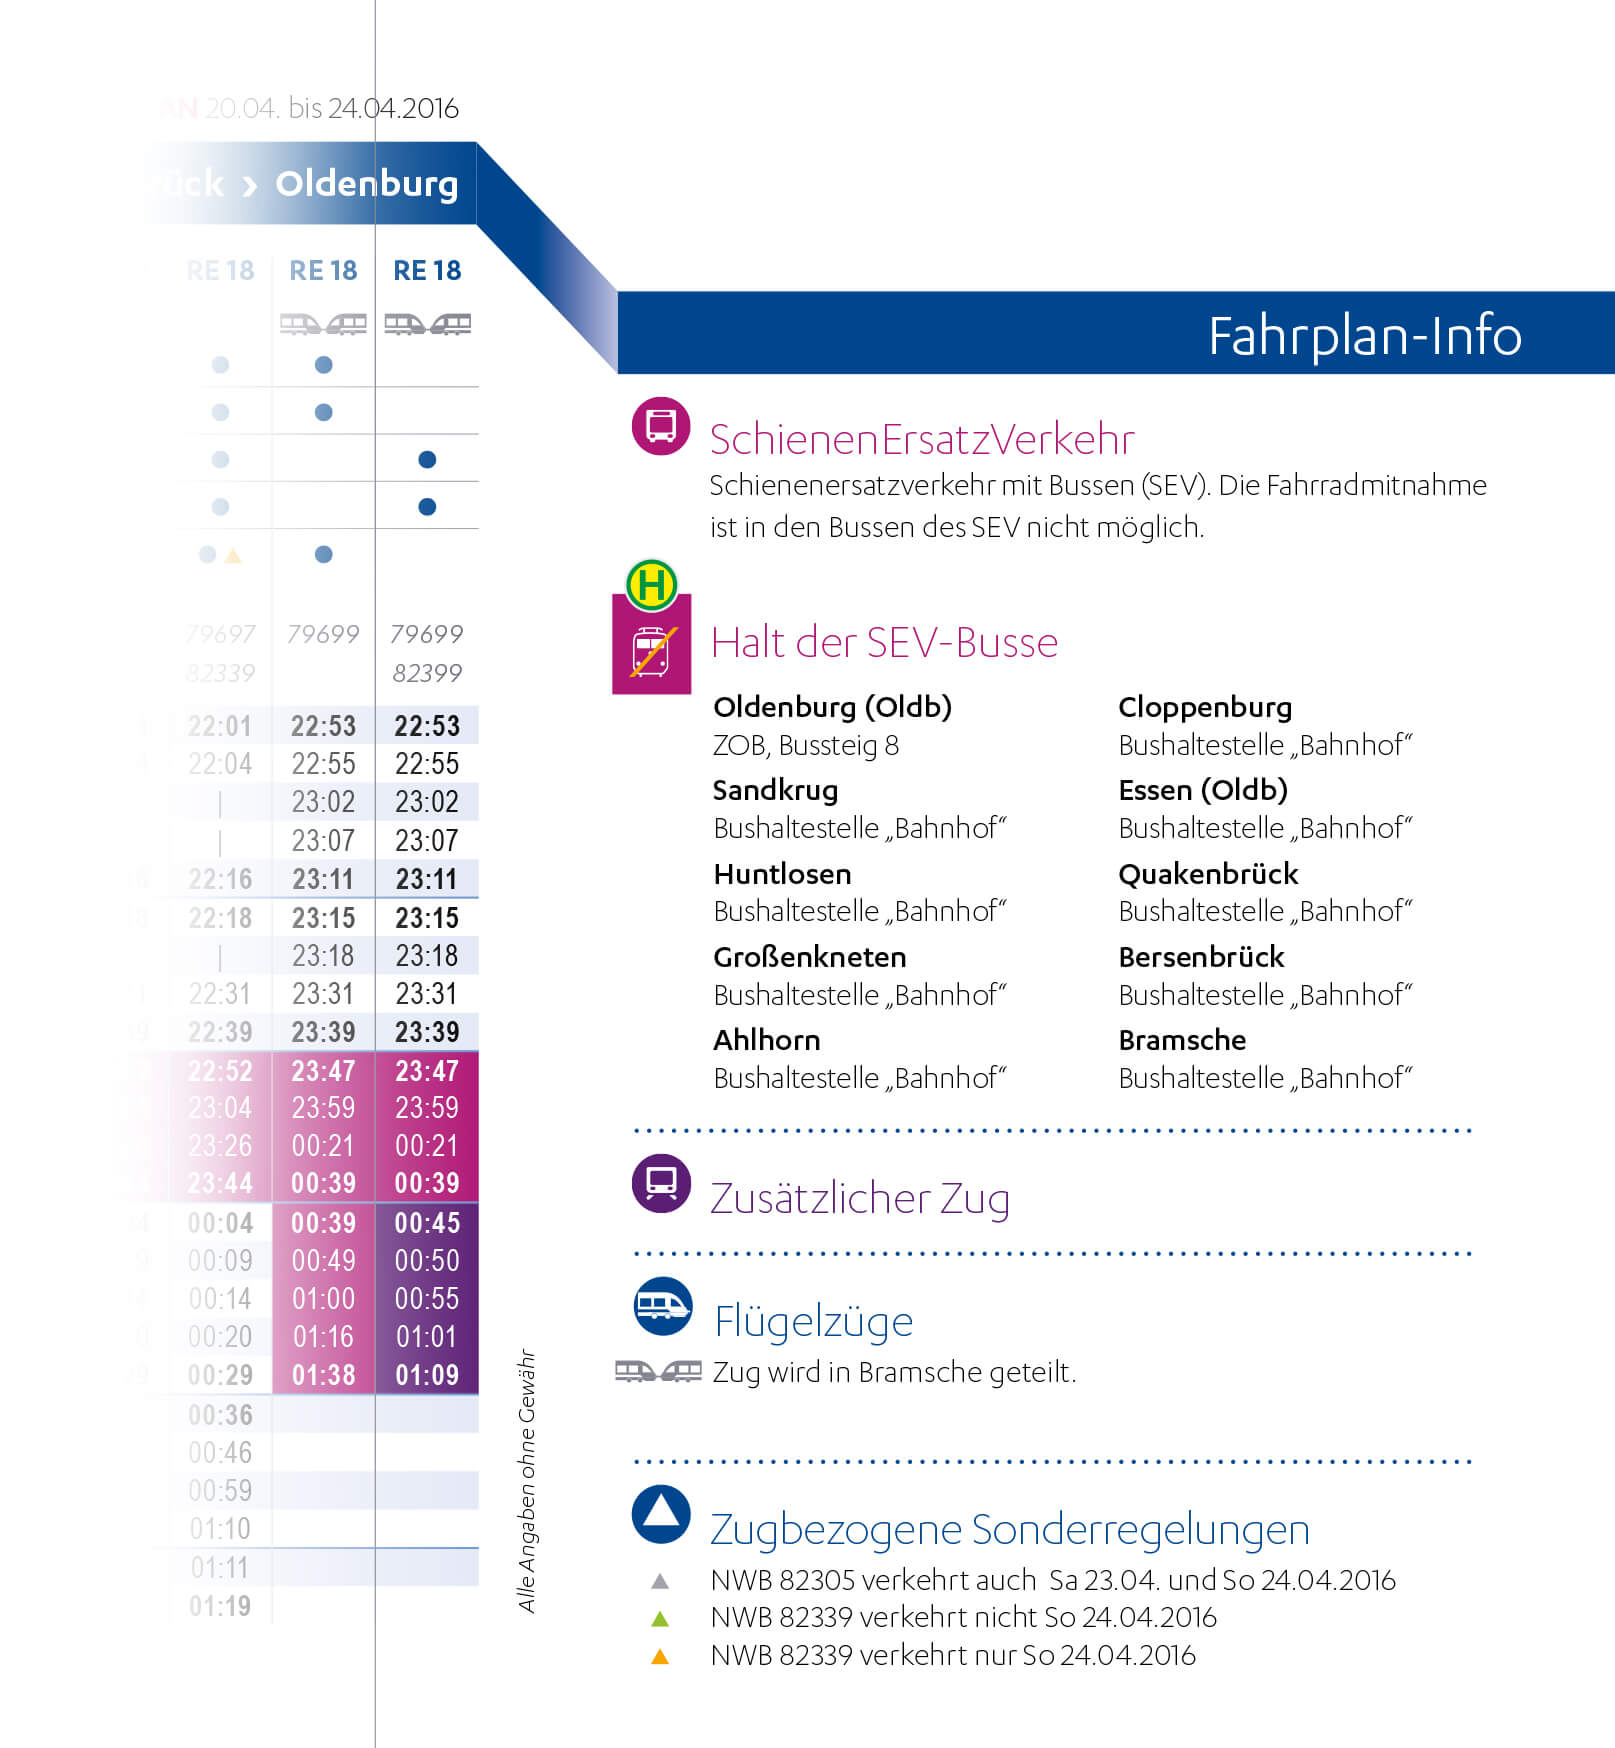 Die Infoseinte im Fahrplan der Nordwestbahn aus dem Design des Fahrplanstyleguides